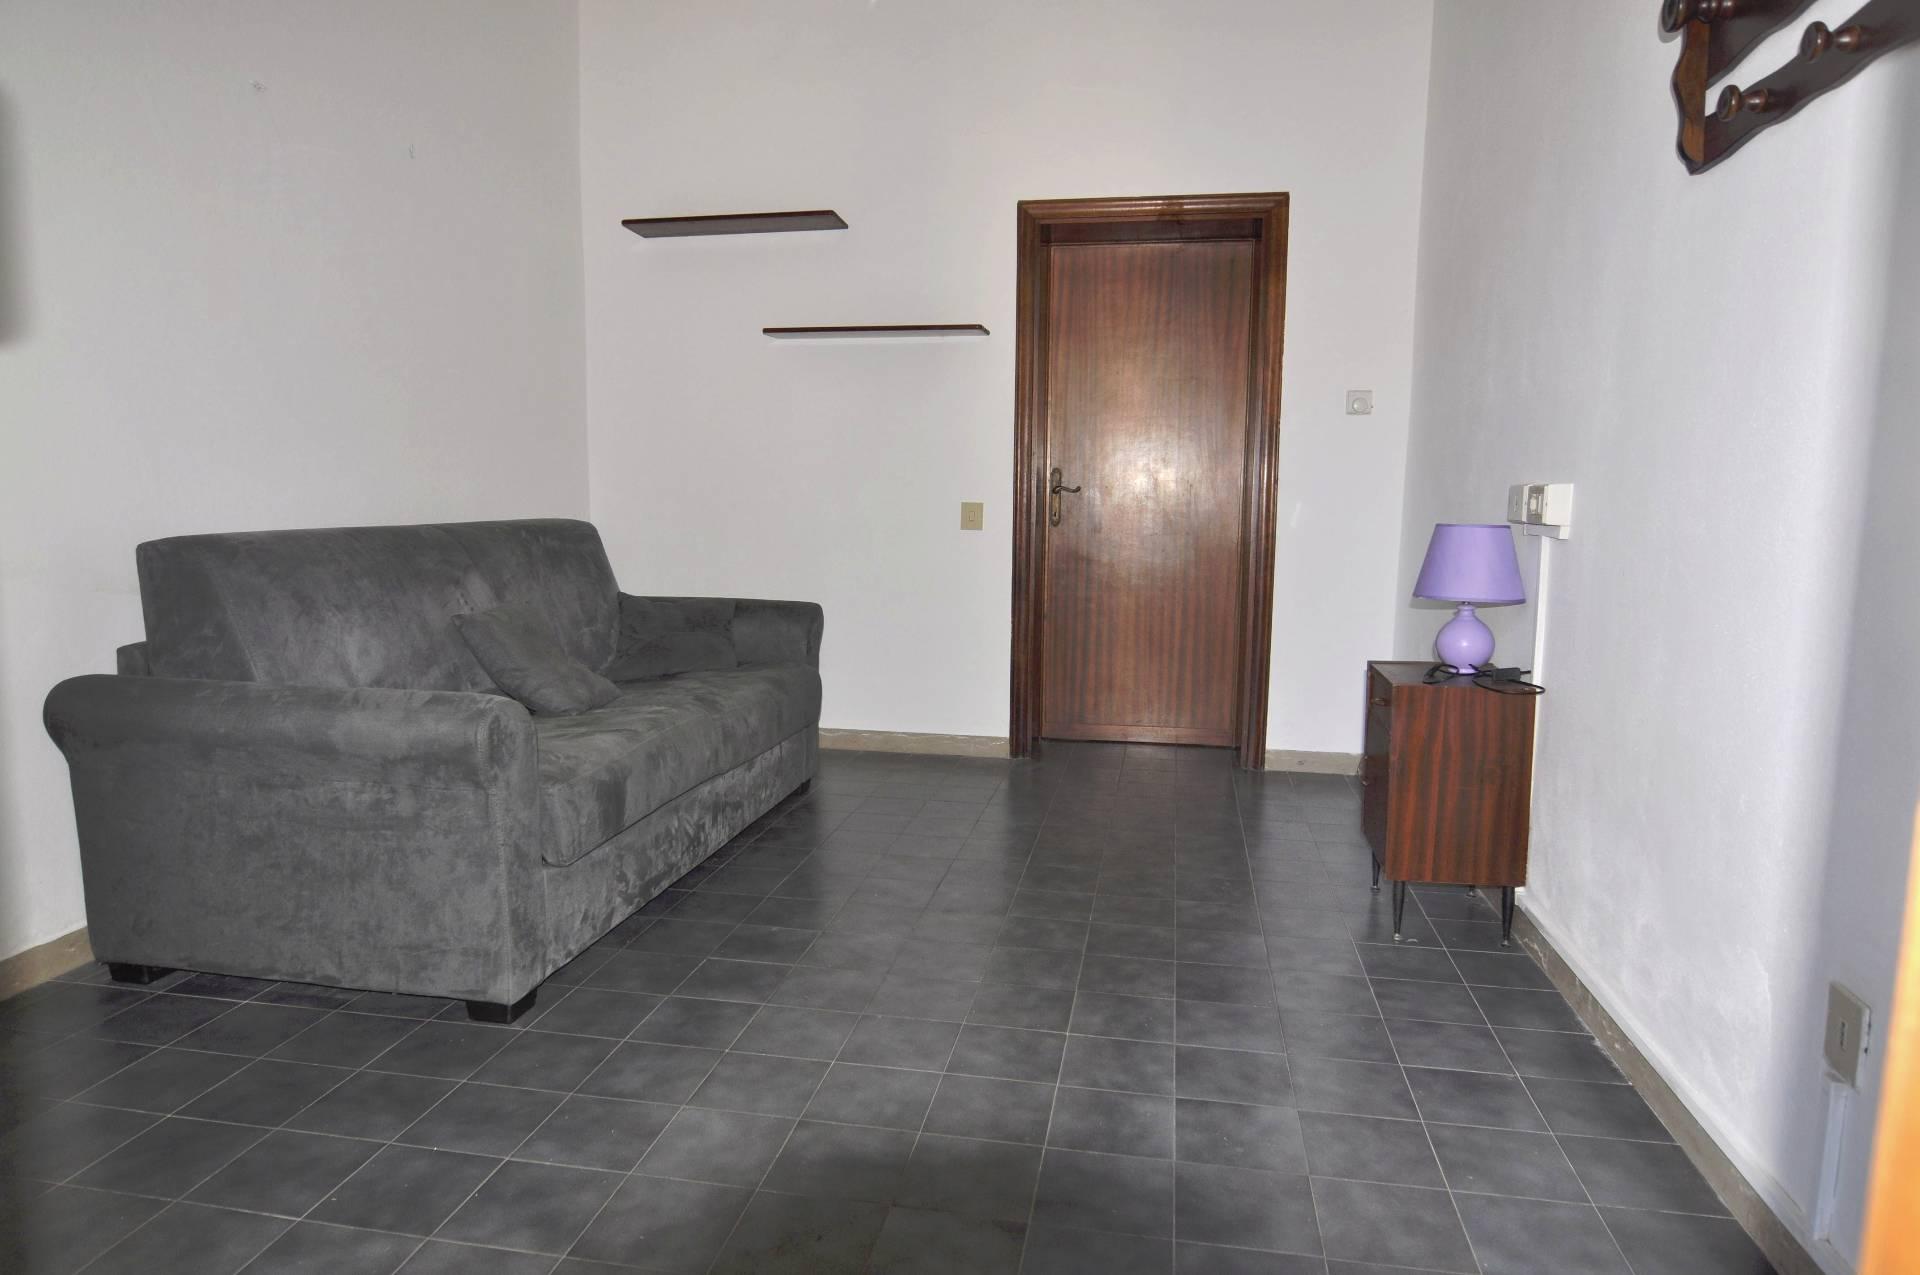 Appartamento in affitto a Rosignano Marittimo, 2 locali, zona Zona: Vada, prezzo € 500 | CambioCasa.it